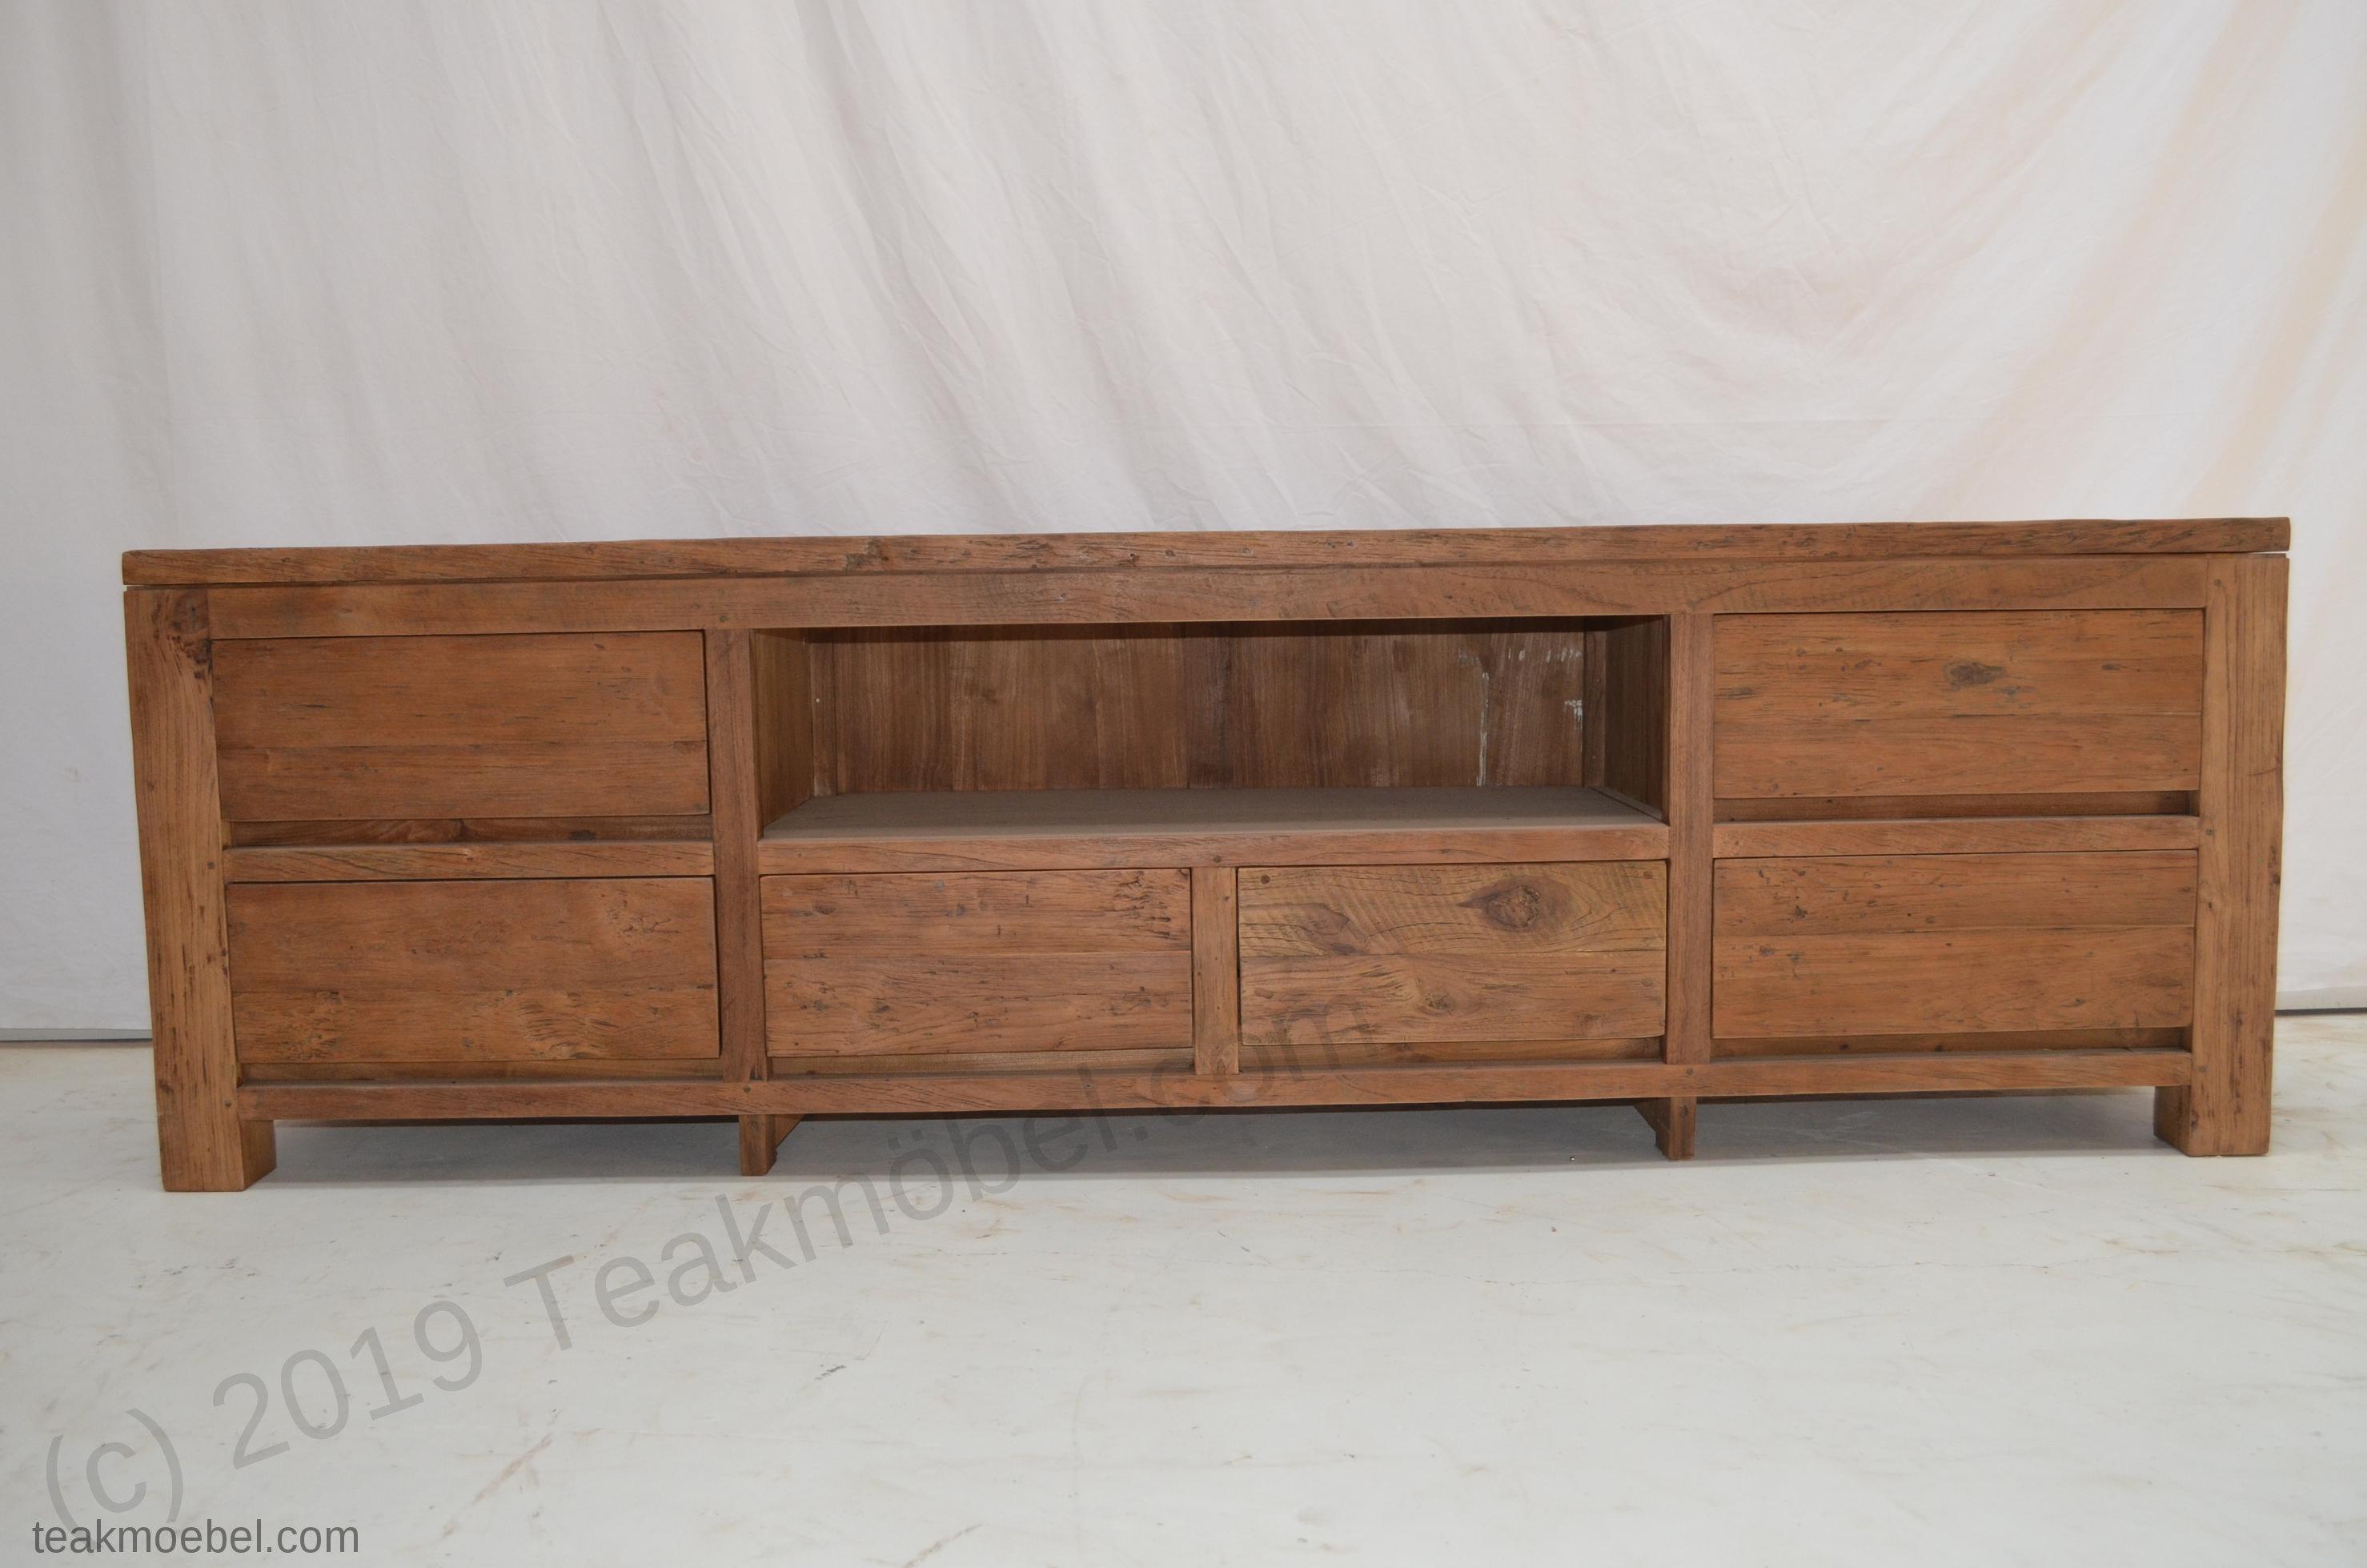 teak sideboard dingklik 200cm teakm. Black Bedroom Furniture Sets. Home Design Ideas